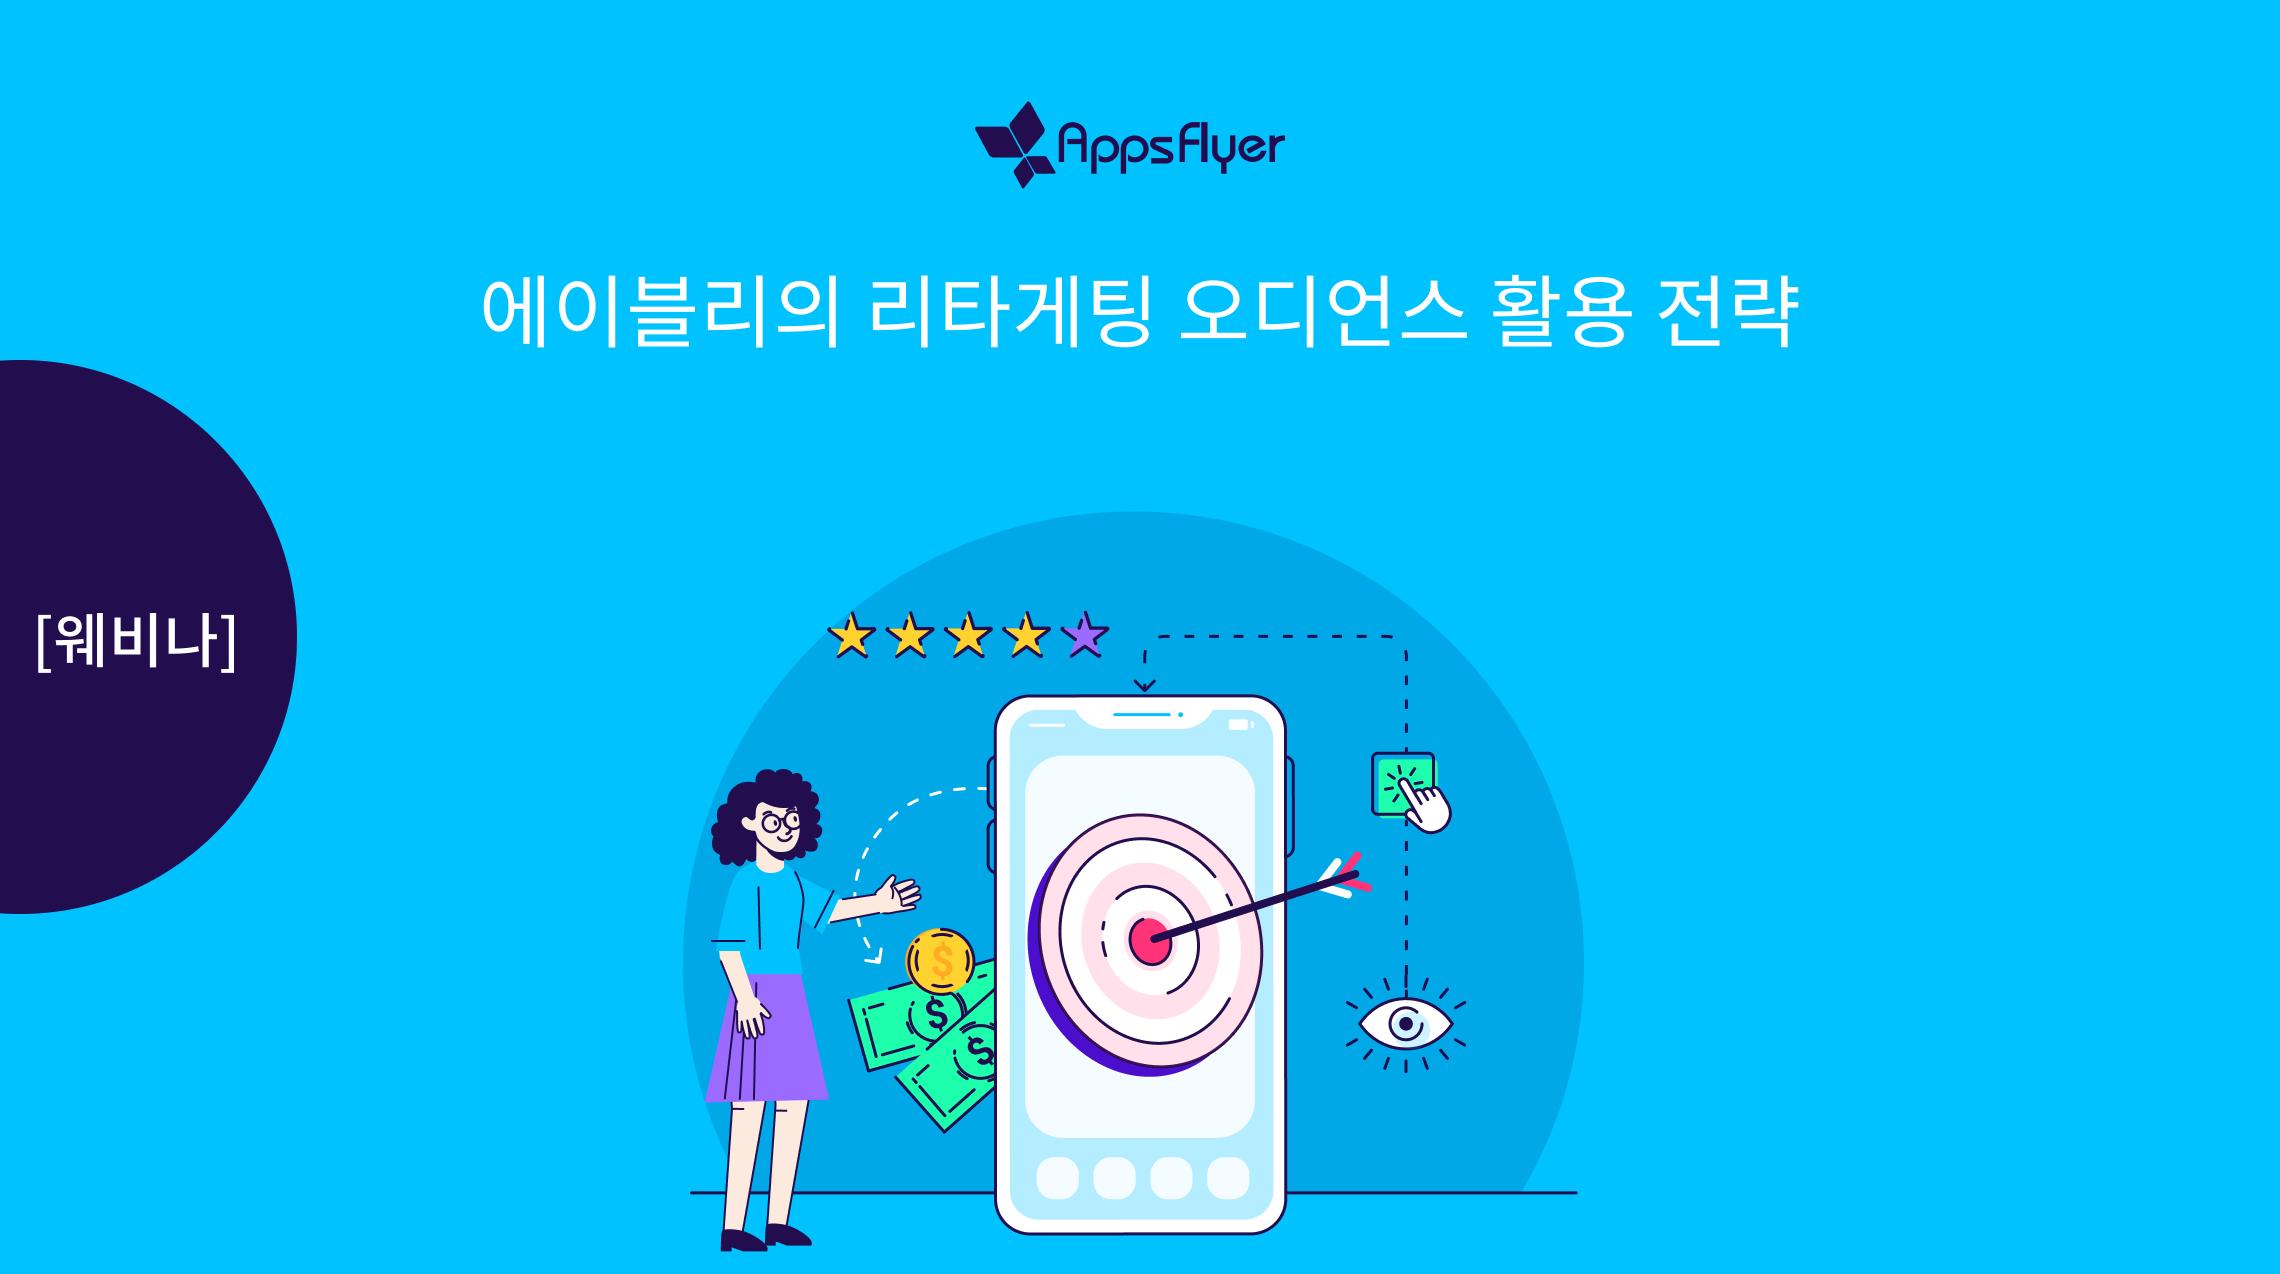 앱스플라이어 에이블리 리마케팅 웨비나